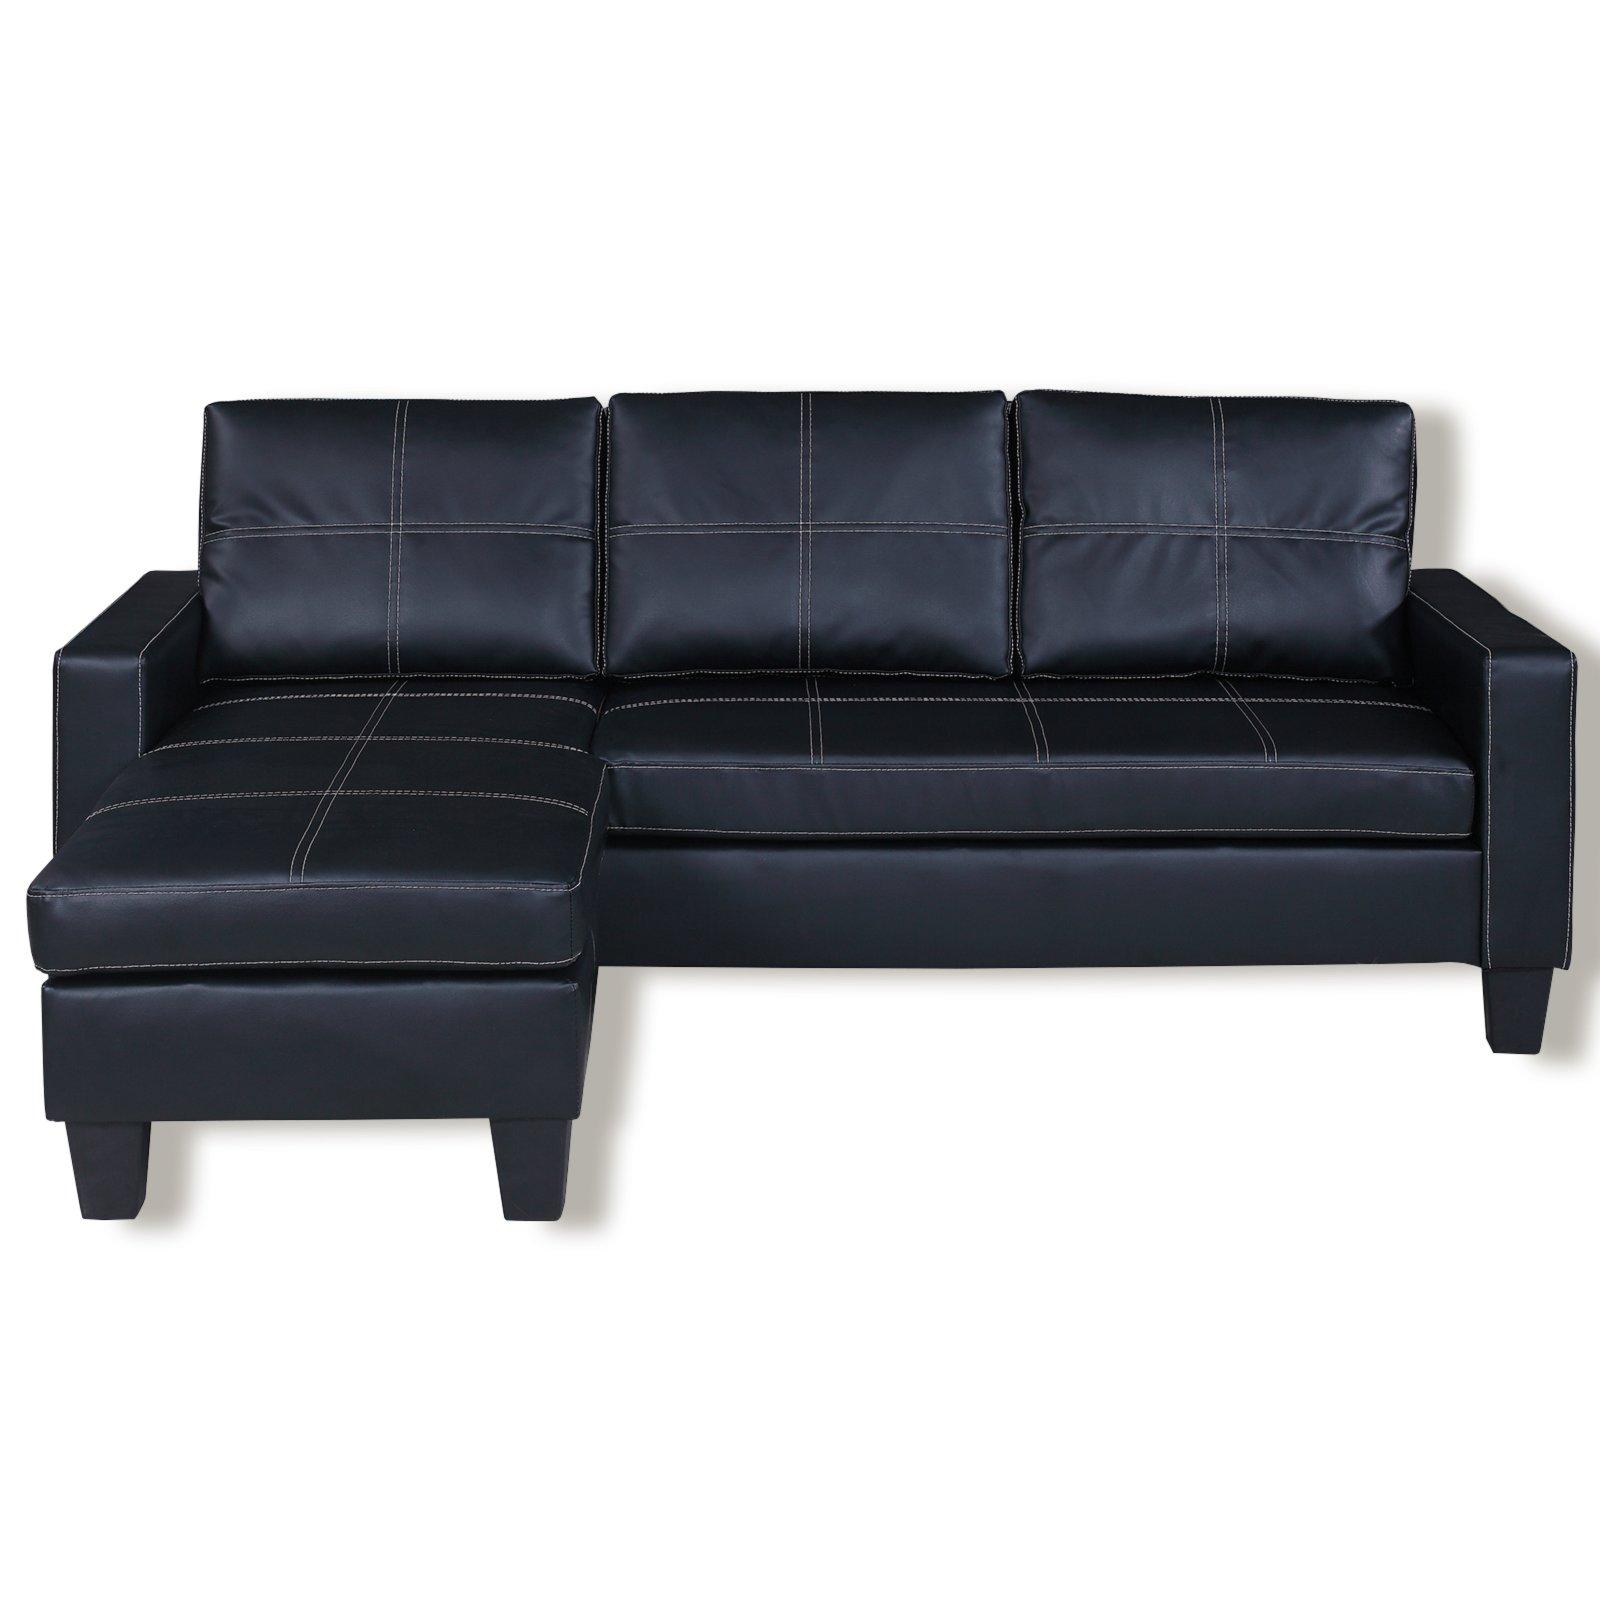 ecksofa schwarz kunstleder ecksofas l form sofas couches m bel roller m belhaus. Black Bedroom Furniture Sets. Home Design Ideas